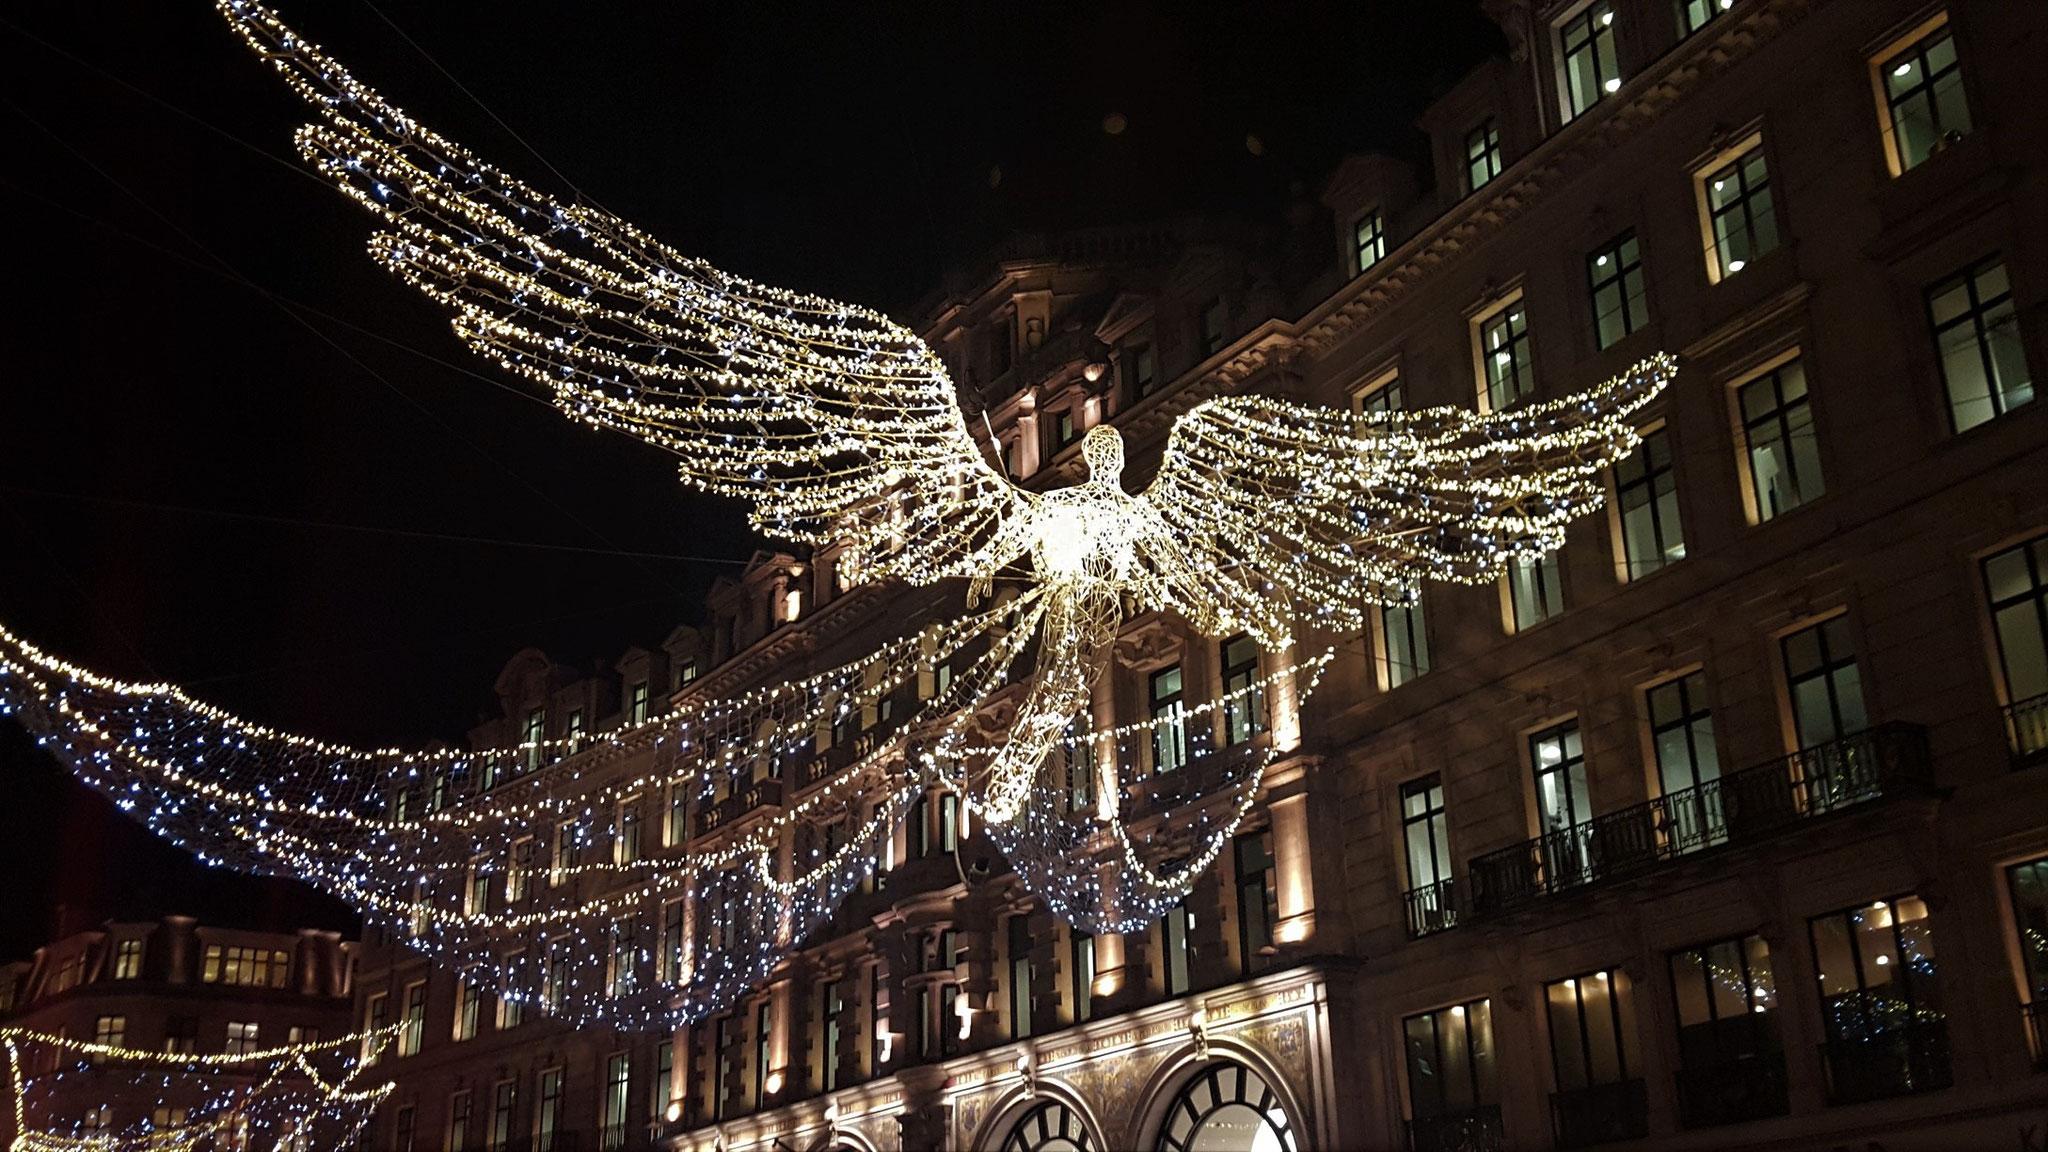 Des décorations de Noël incroyable !!!